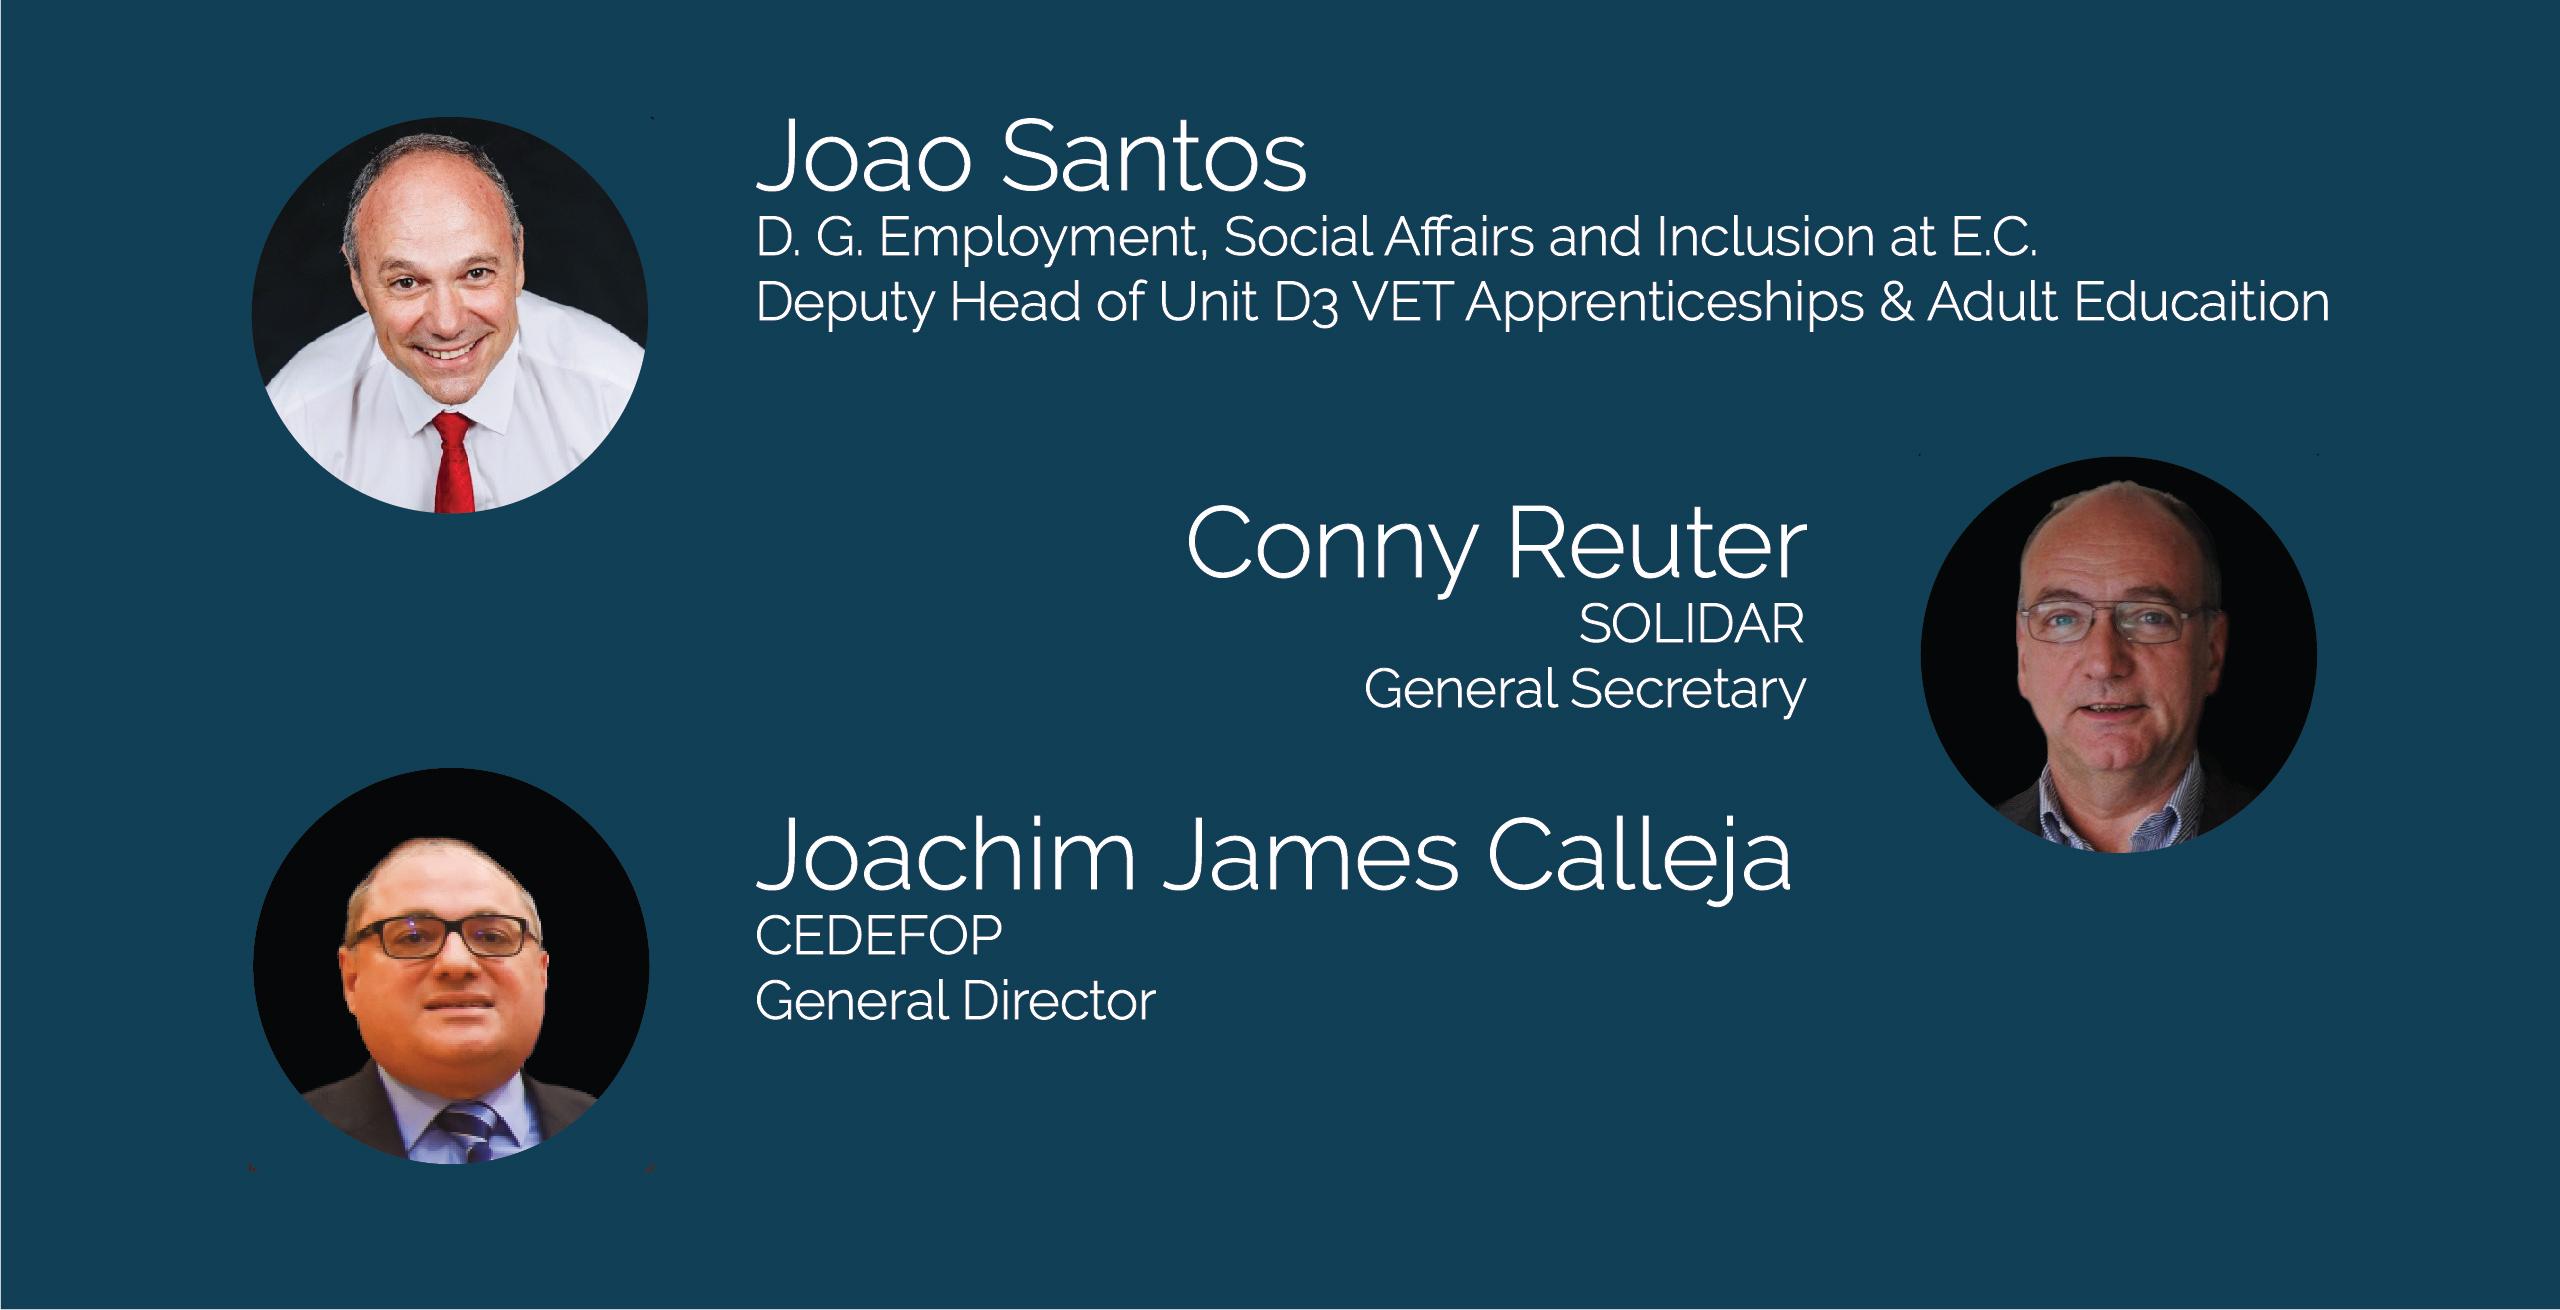 Speakers - Joao Santos, Conny Reuter, Joachim James Calleja